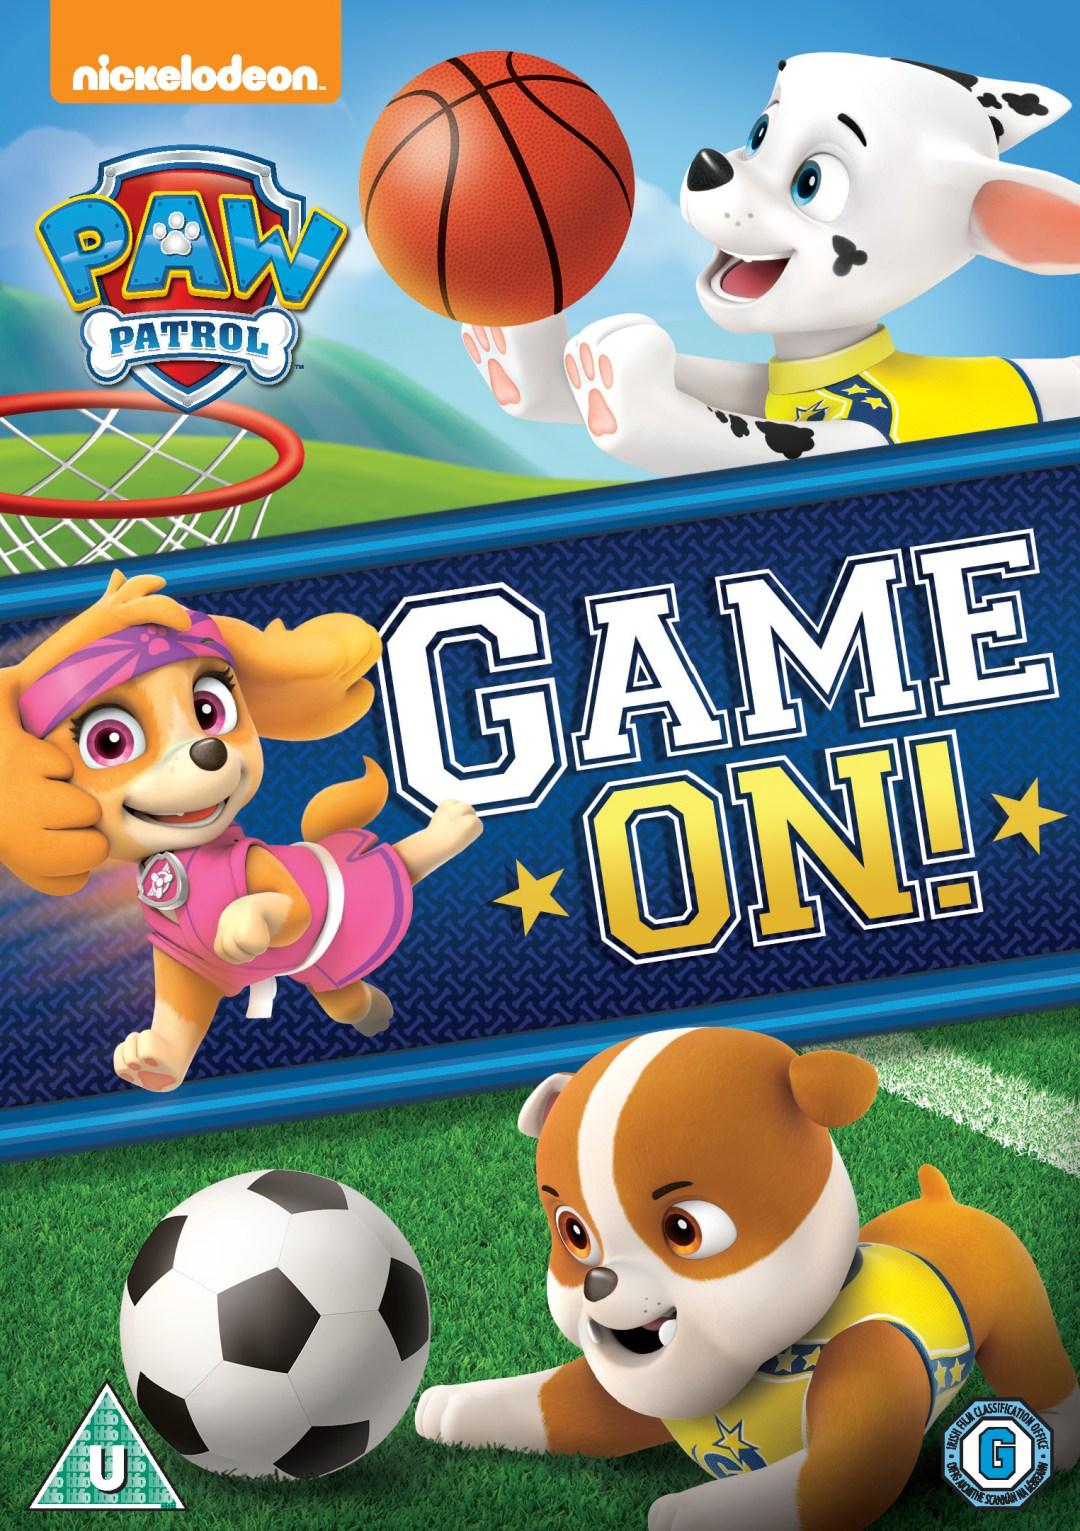 PAW Patrol: Game On! DVD